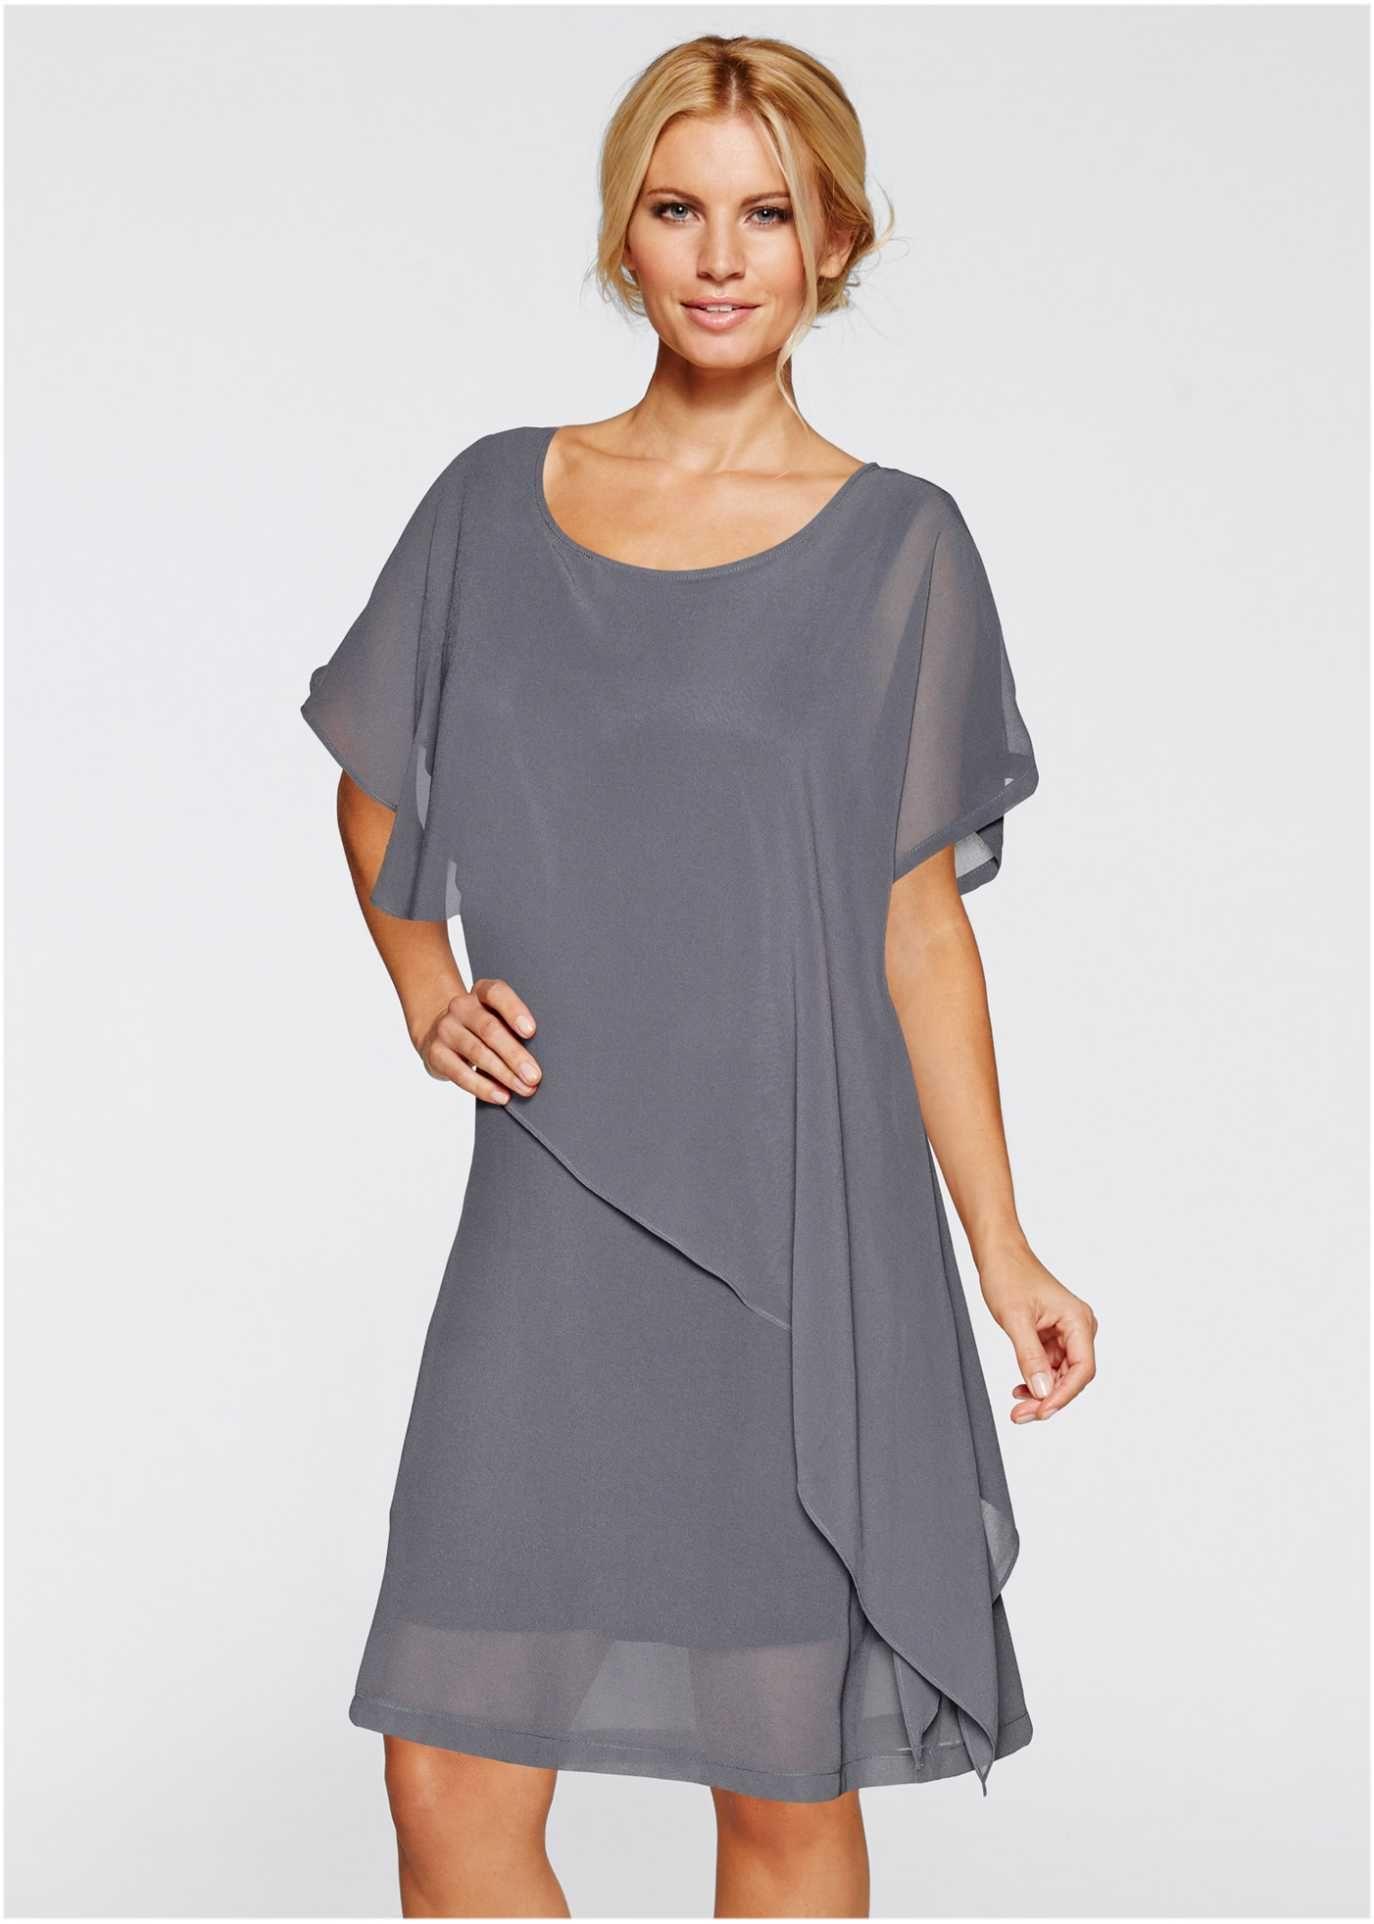 e53d4c6eb08 Robe tissée gris - BODYFLIRT boutique - bonprix.fr